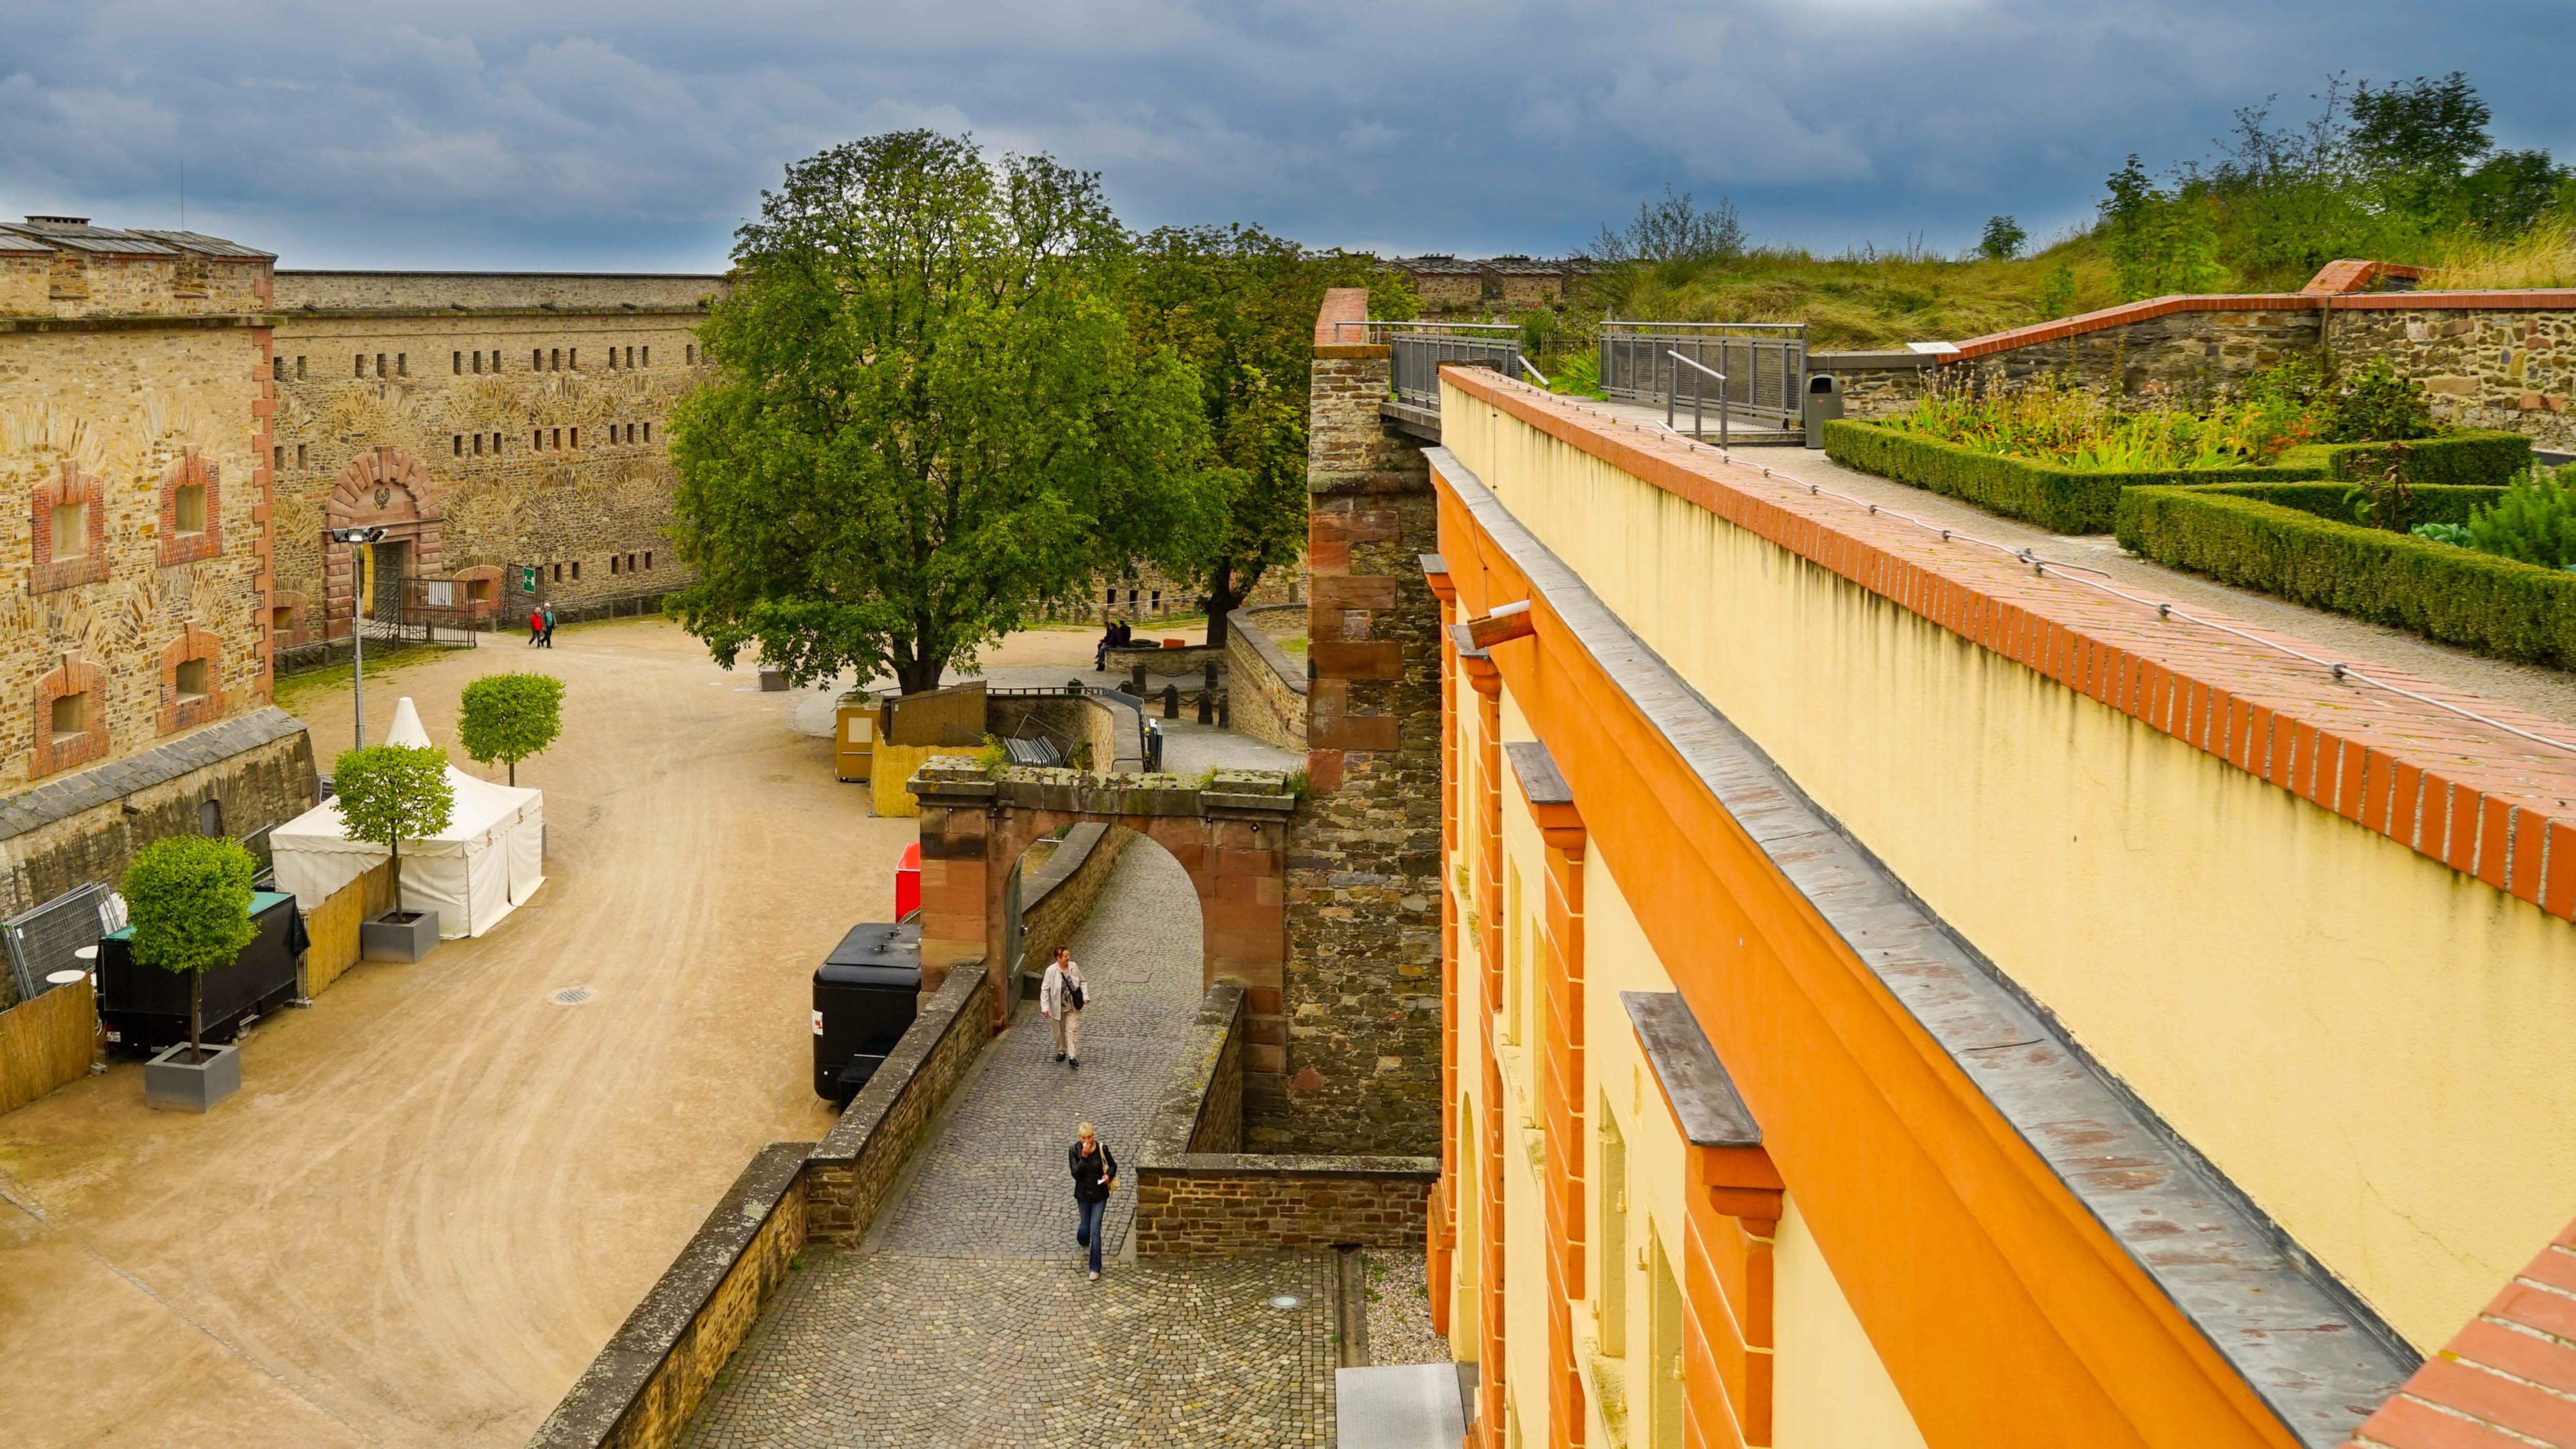 Am Rhein, Koblenz, Festung Ehrenbreitstein